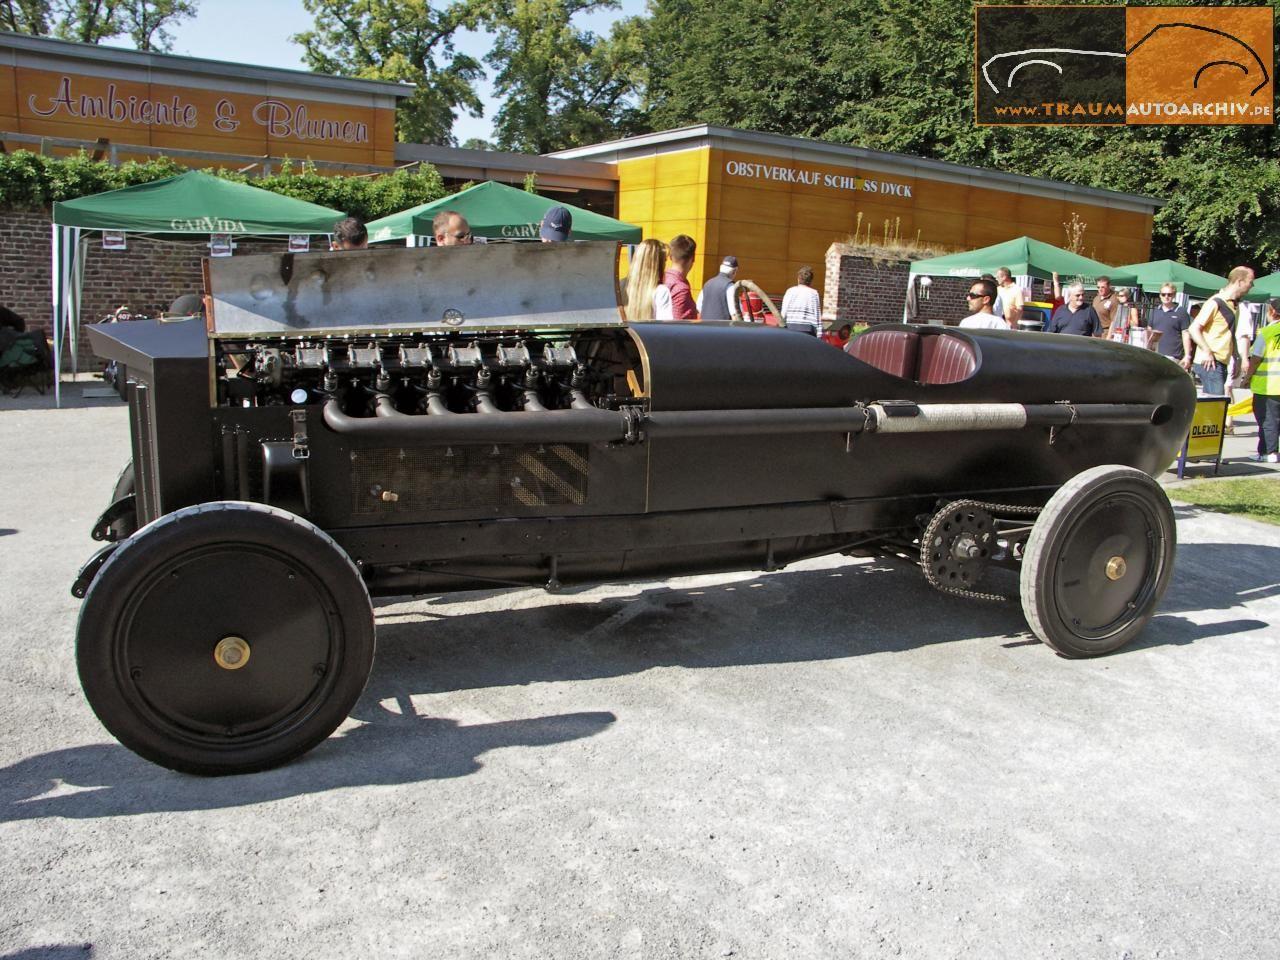 1925 BMW Brutus - V12 - 46 litre - 493 bhp